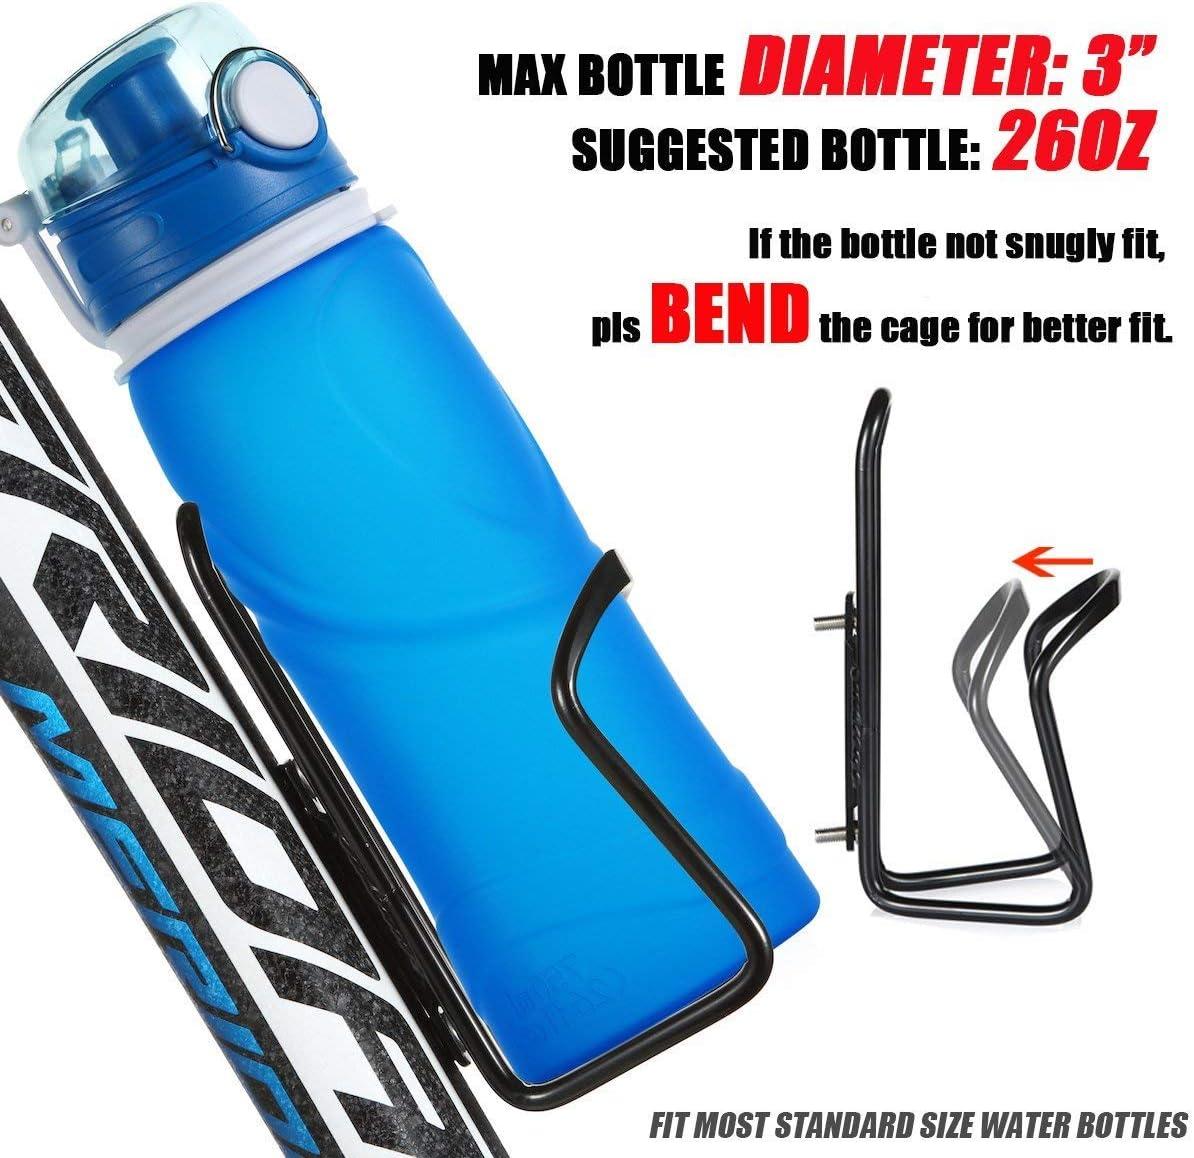 Basic MTB Bike Bicycle Alloy Aluminum Lightweight UShake Water Bottle Cages